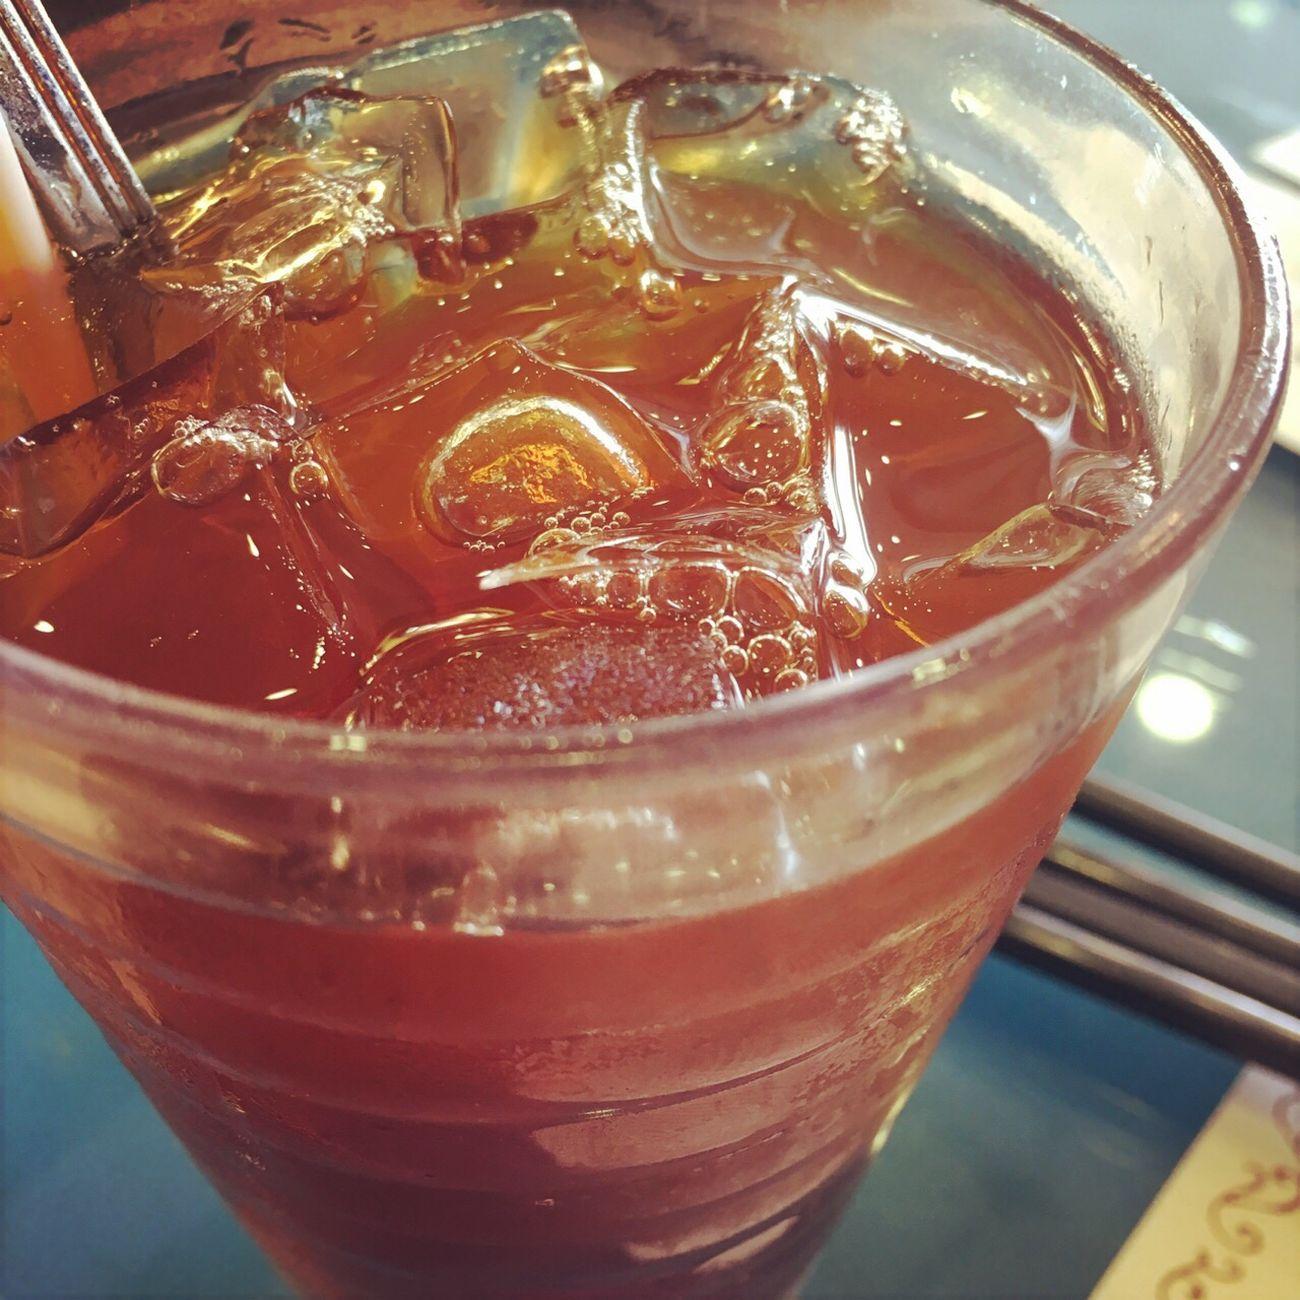 冻宁茶 Drink Tee